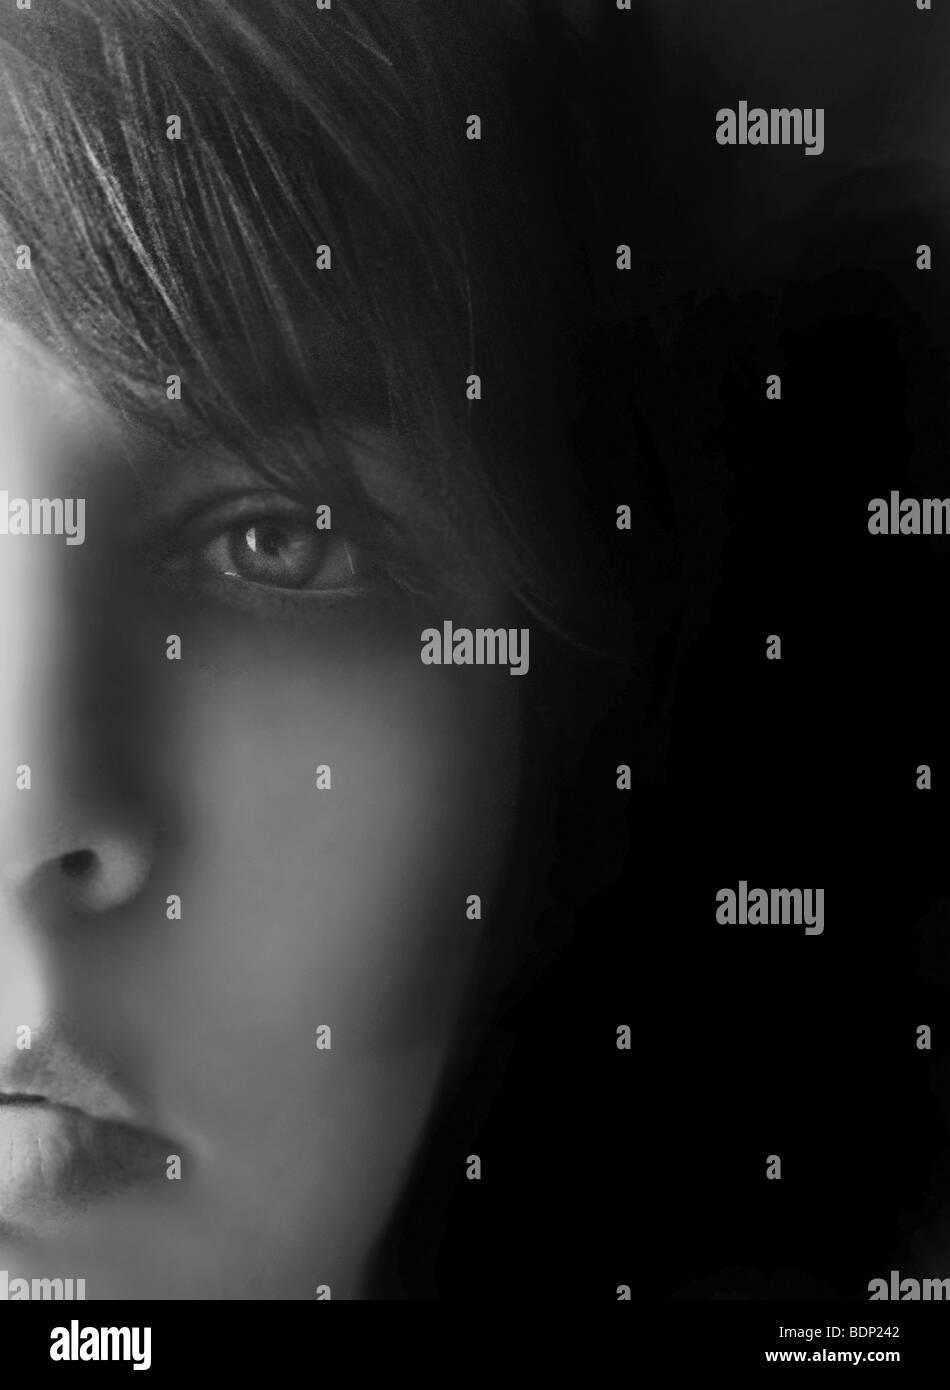 Nahaufnahme von einem jungen Mädchen Gesicht Blick in die Kamera Stockbild